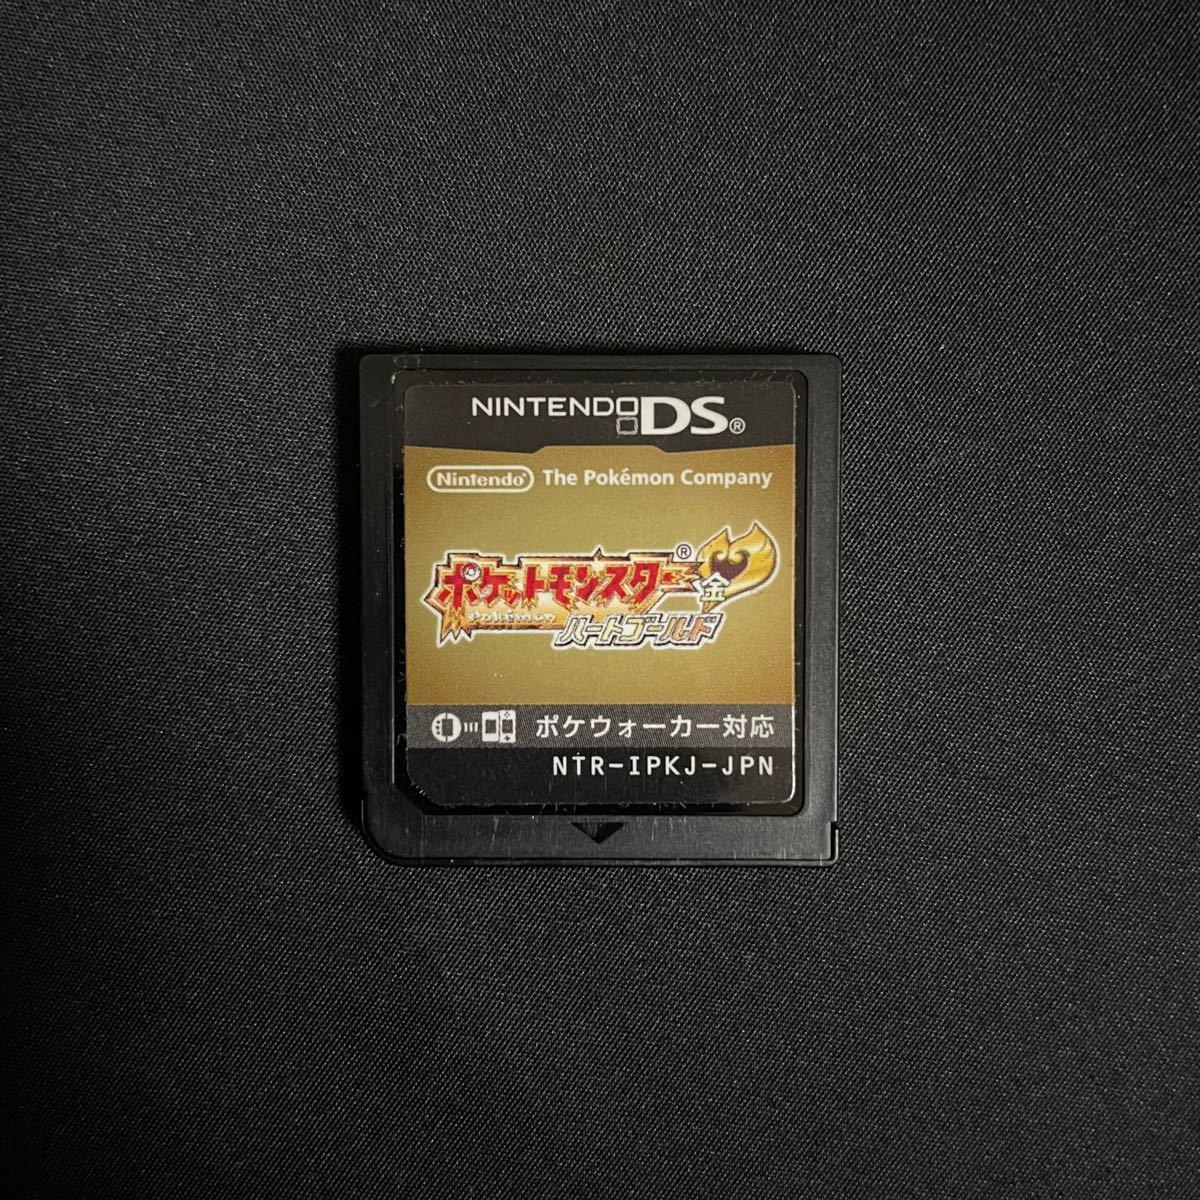 ポケットモンスター  ハートゴールド  DSソフト ニンテンドーDS ポケモン  ソフト